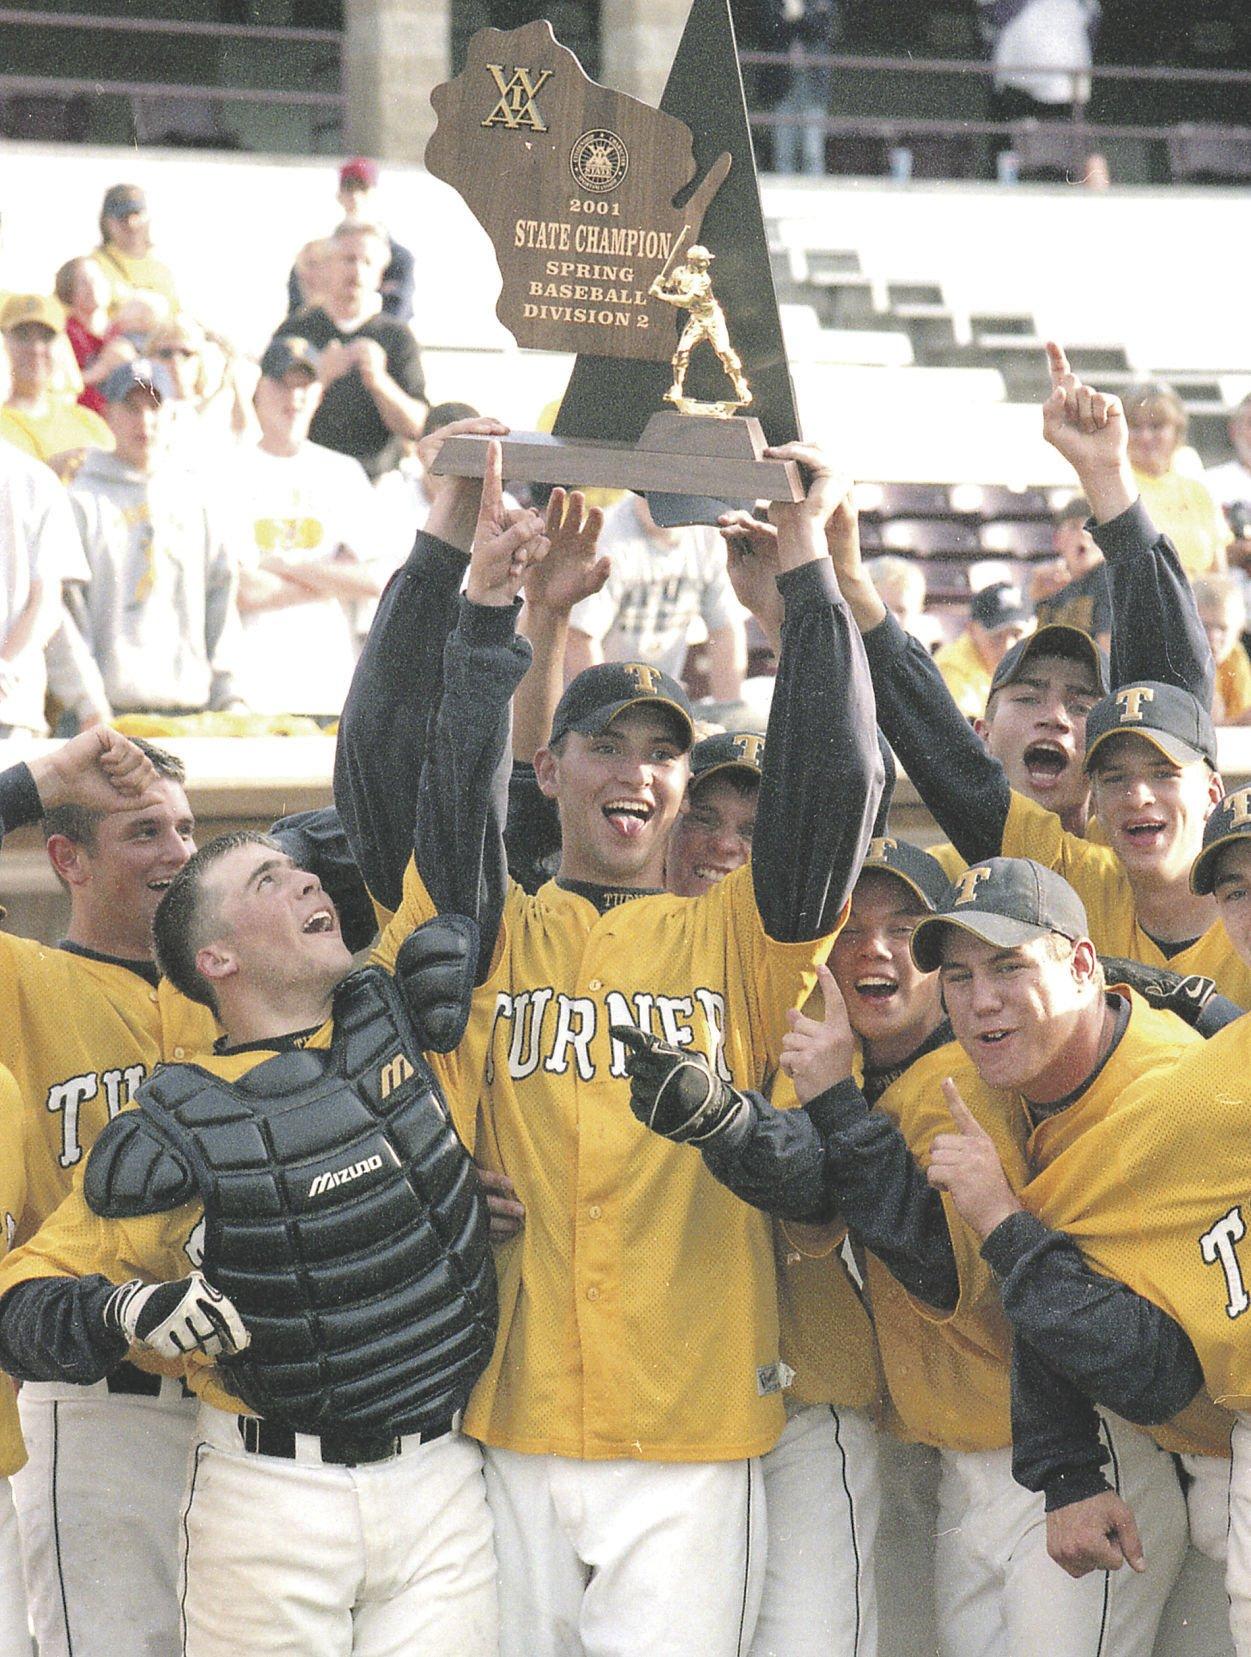 Turner 2001 baseball